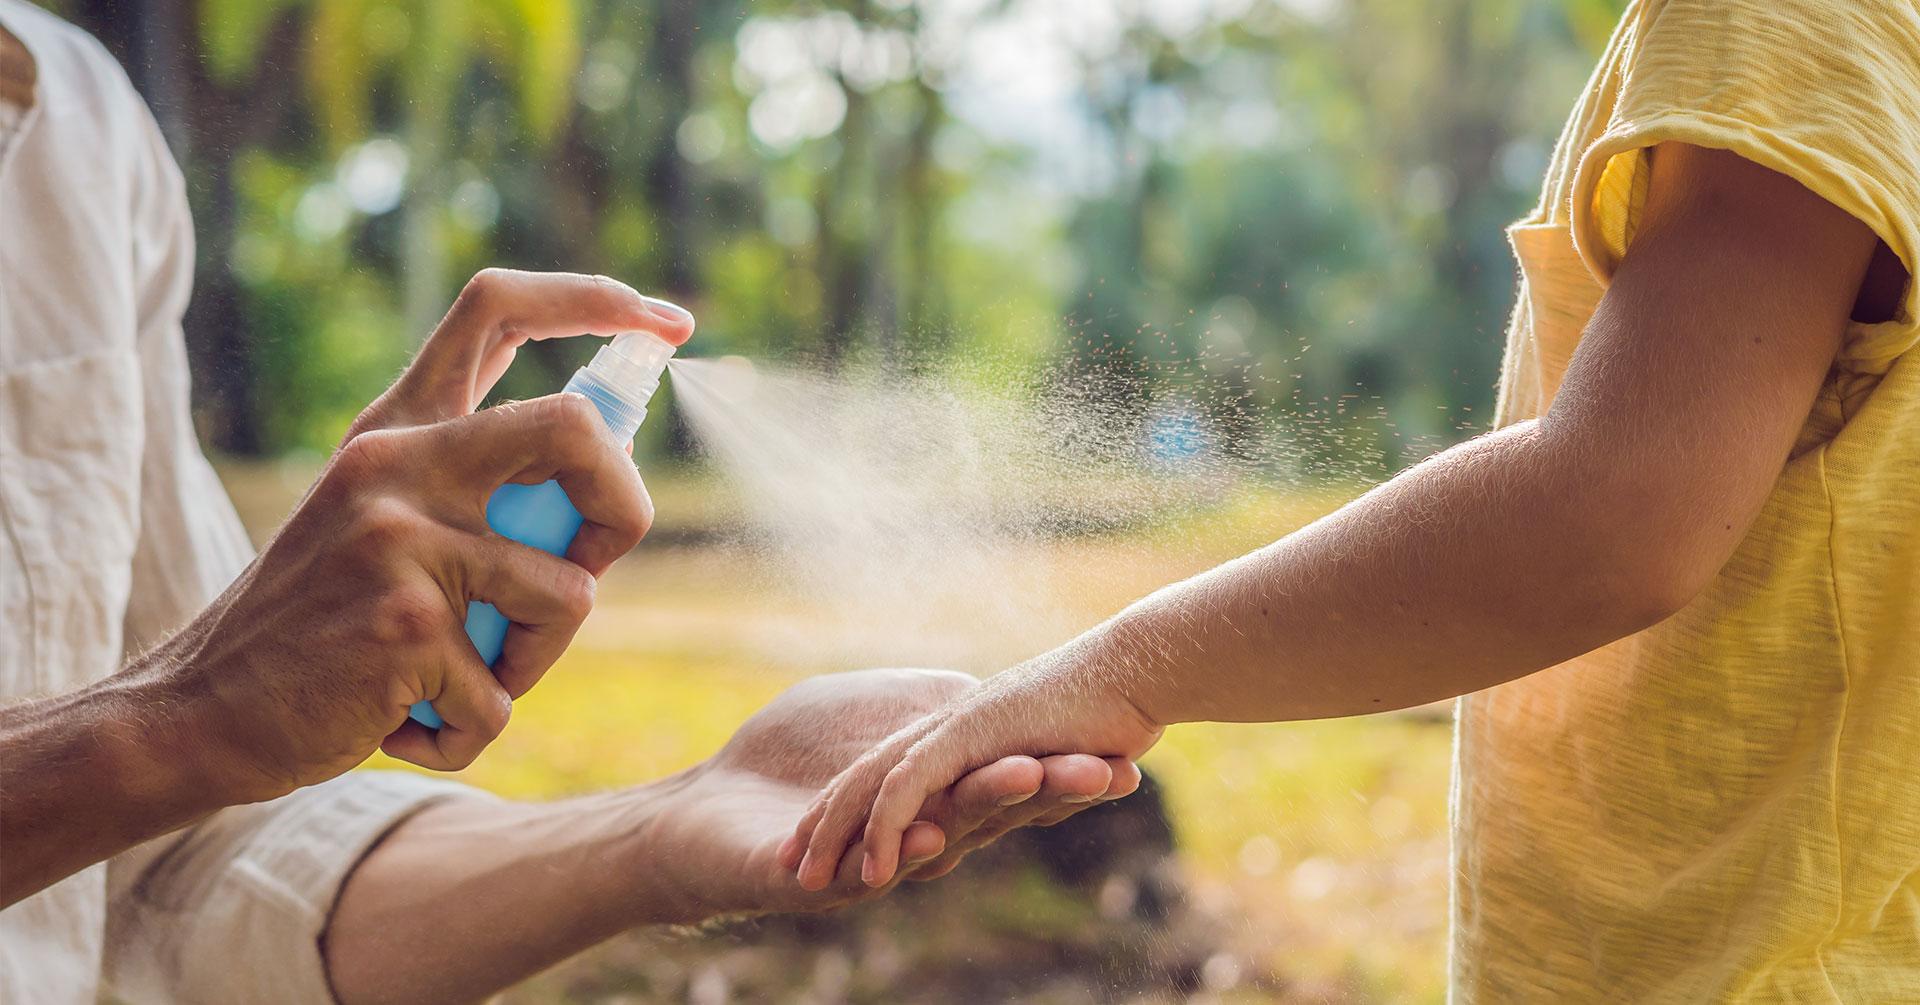 Remedios caseros para deshacerte de los mosquitos de una vez por todas